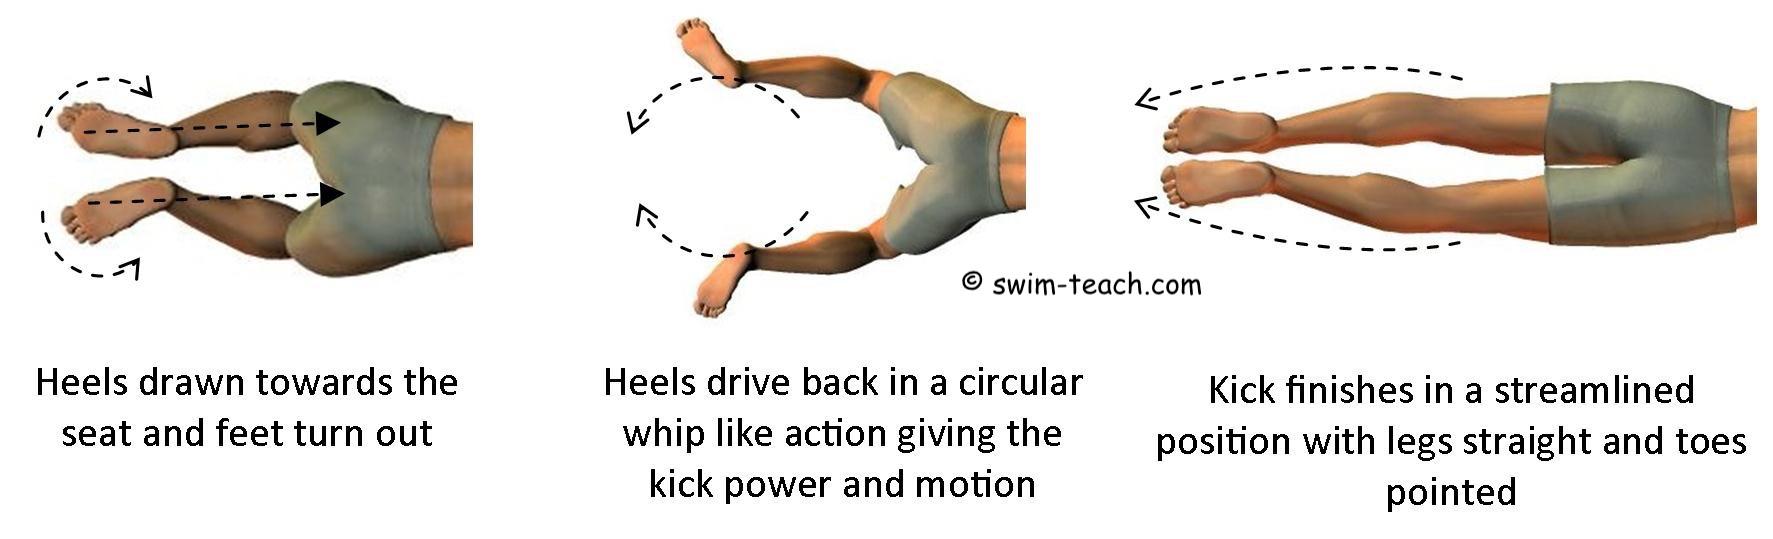 Breaststroke leg kick action showing circular whip kick